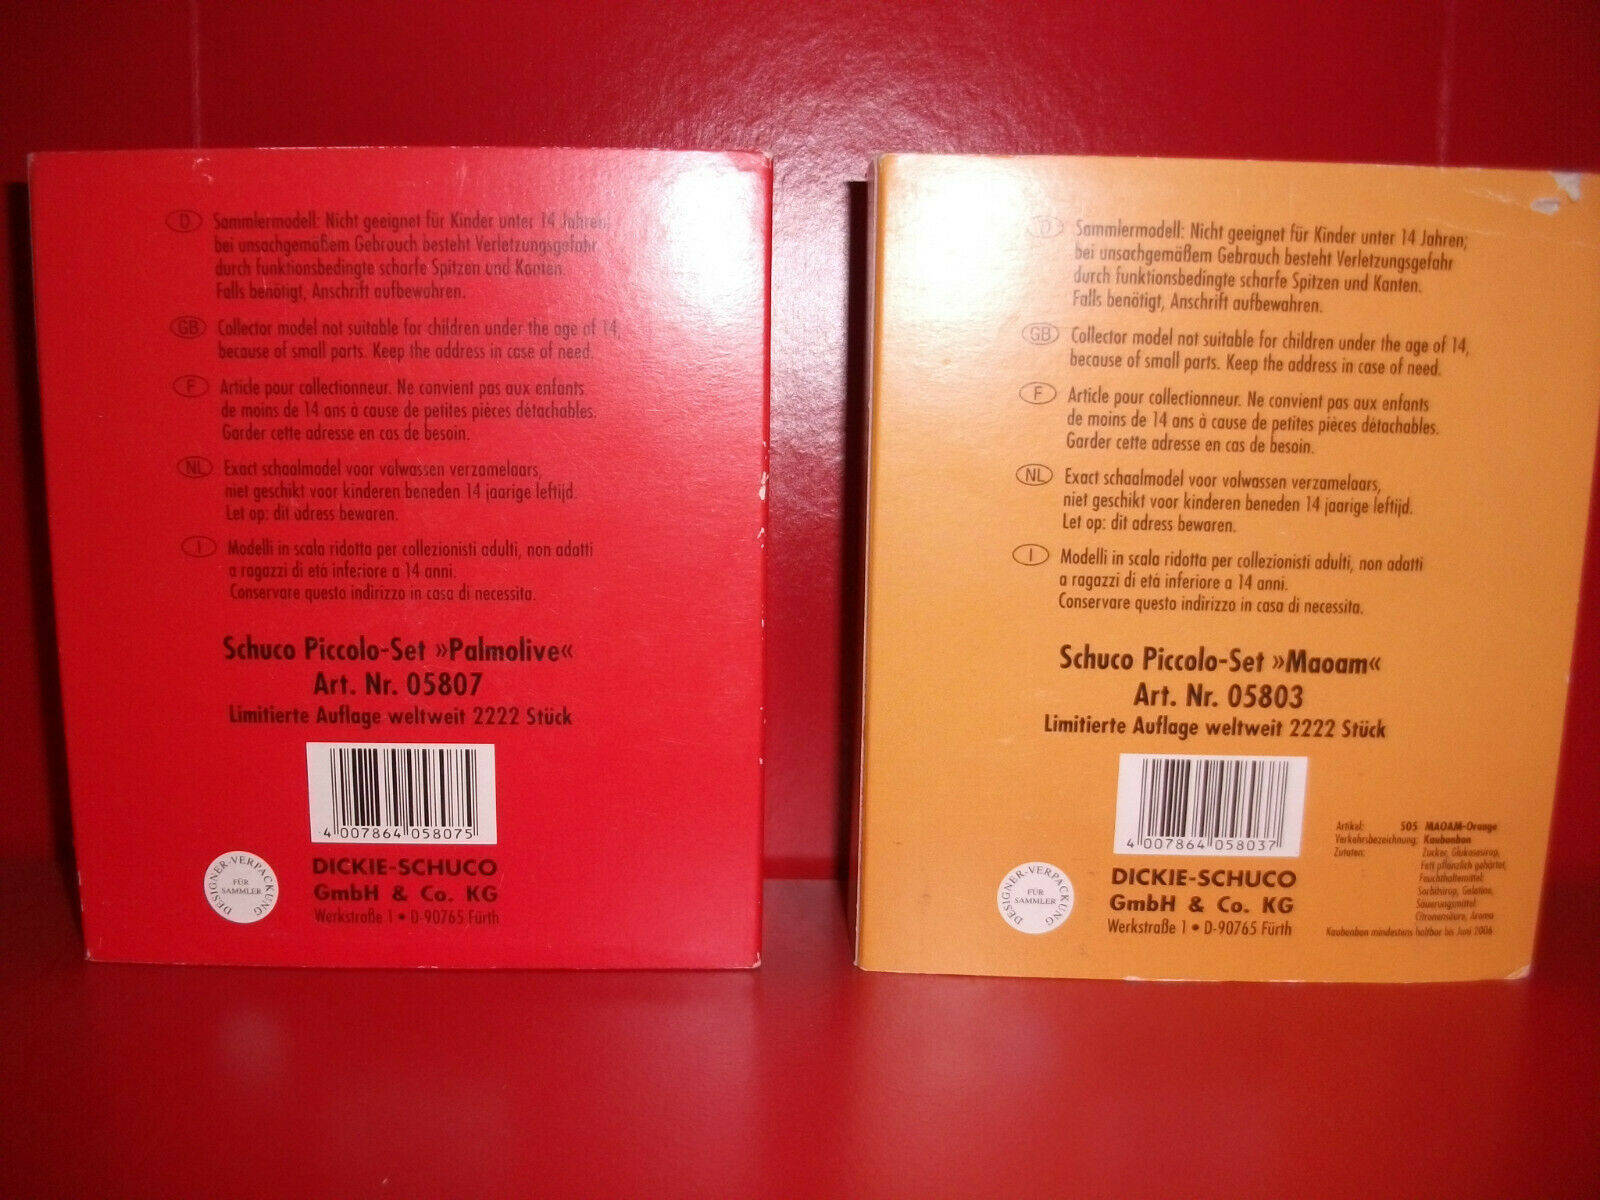 Schuco piccolo 05803 + 05807   Neu und und und ovp   Limitierte Auflage 2222 Stk. 9b3d98